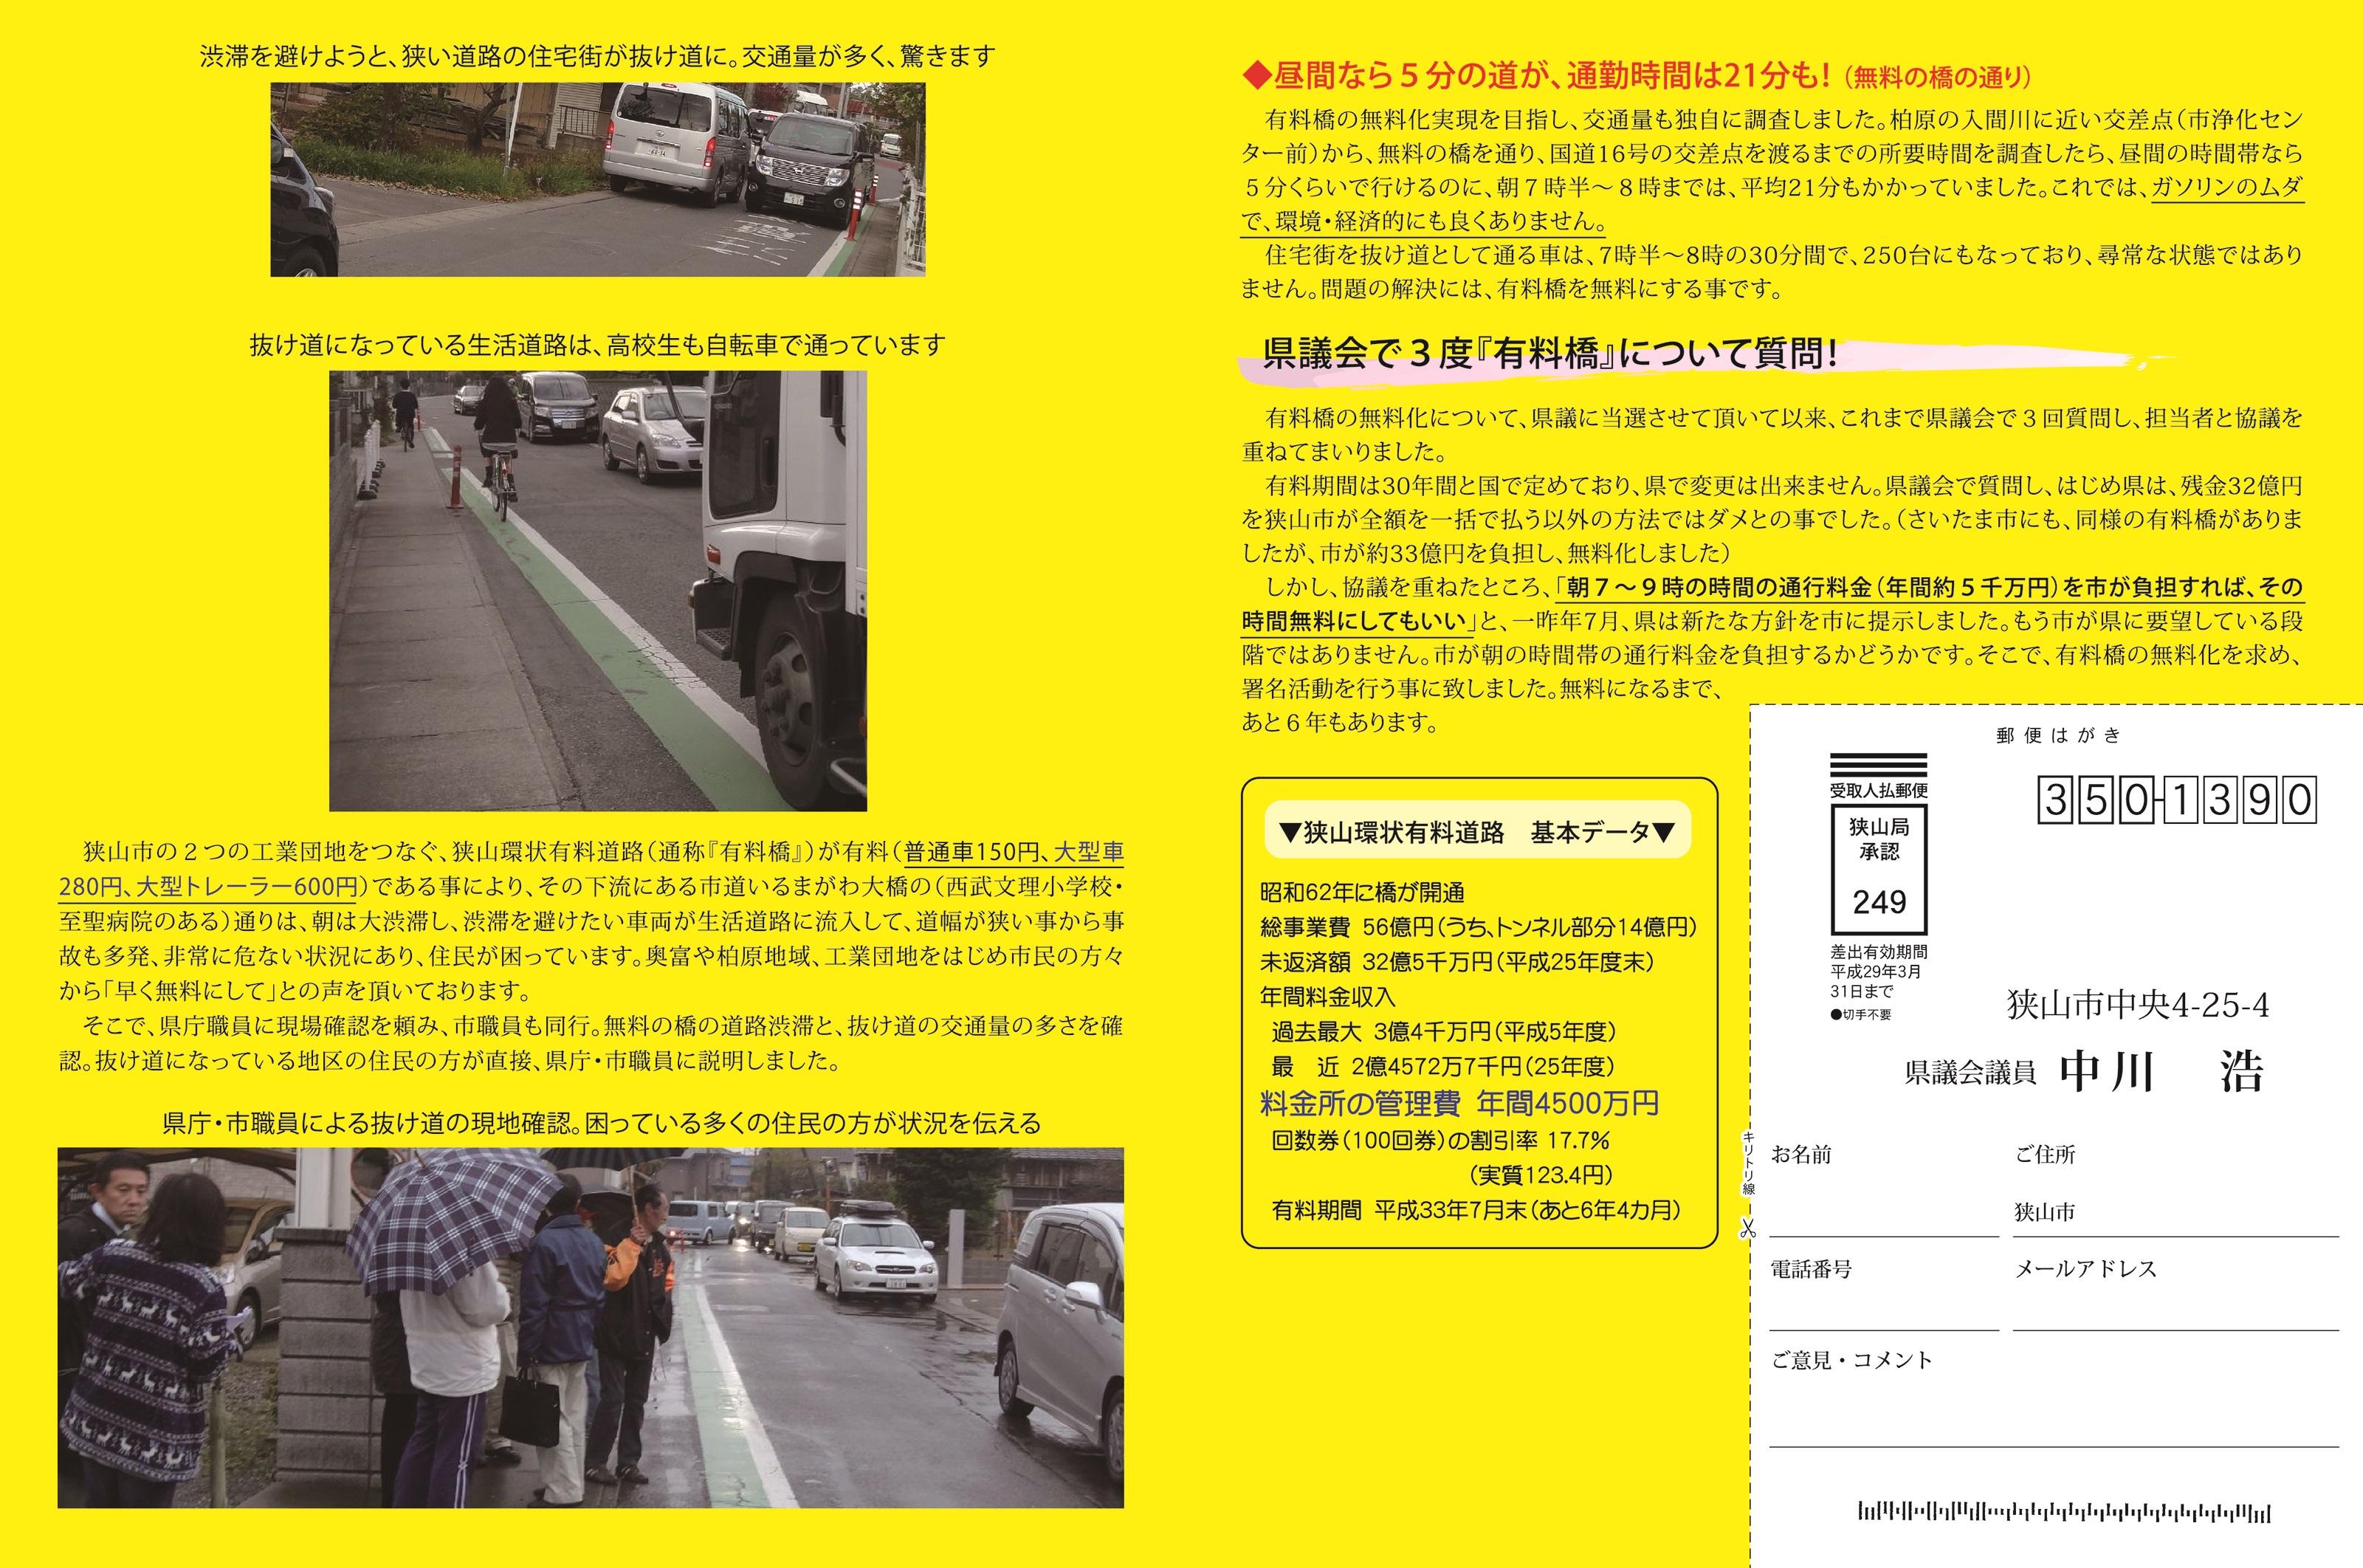 【印刷用】ひろし新聞_145号_D4